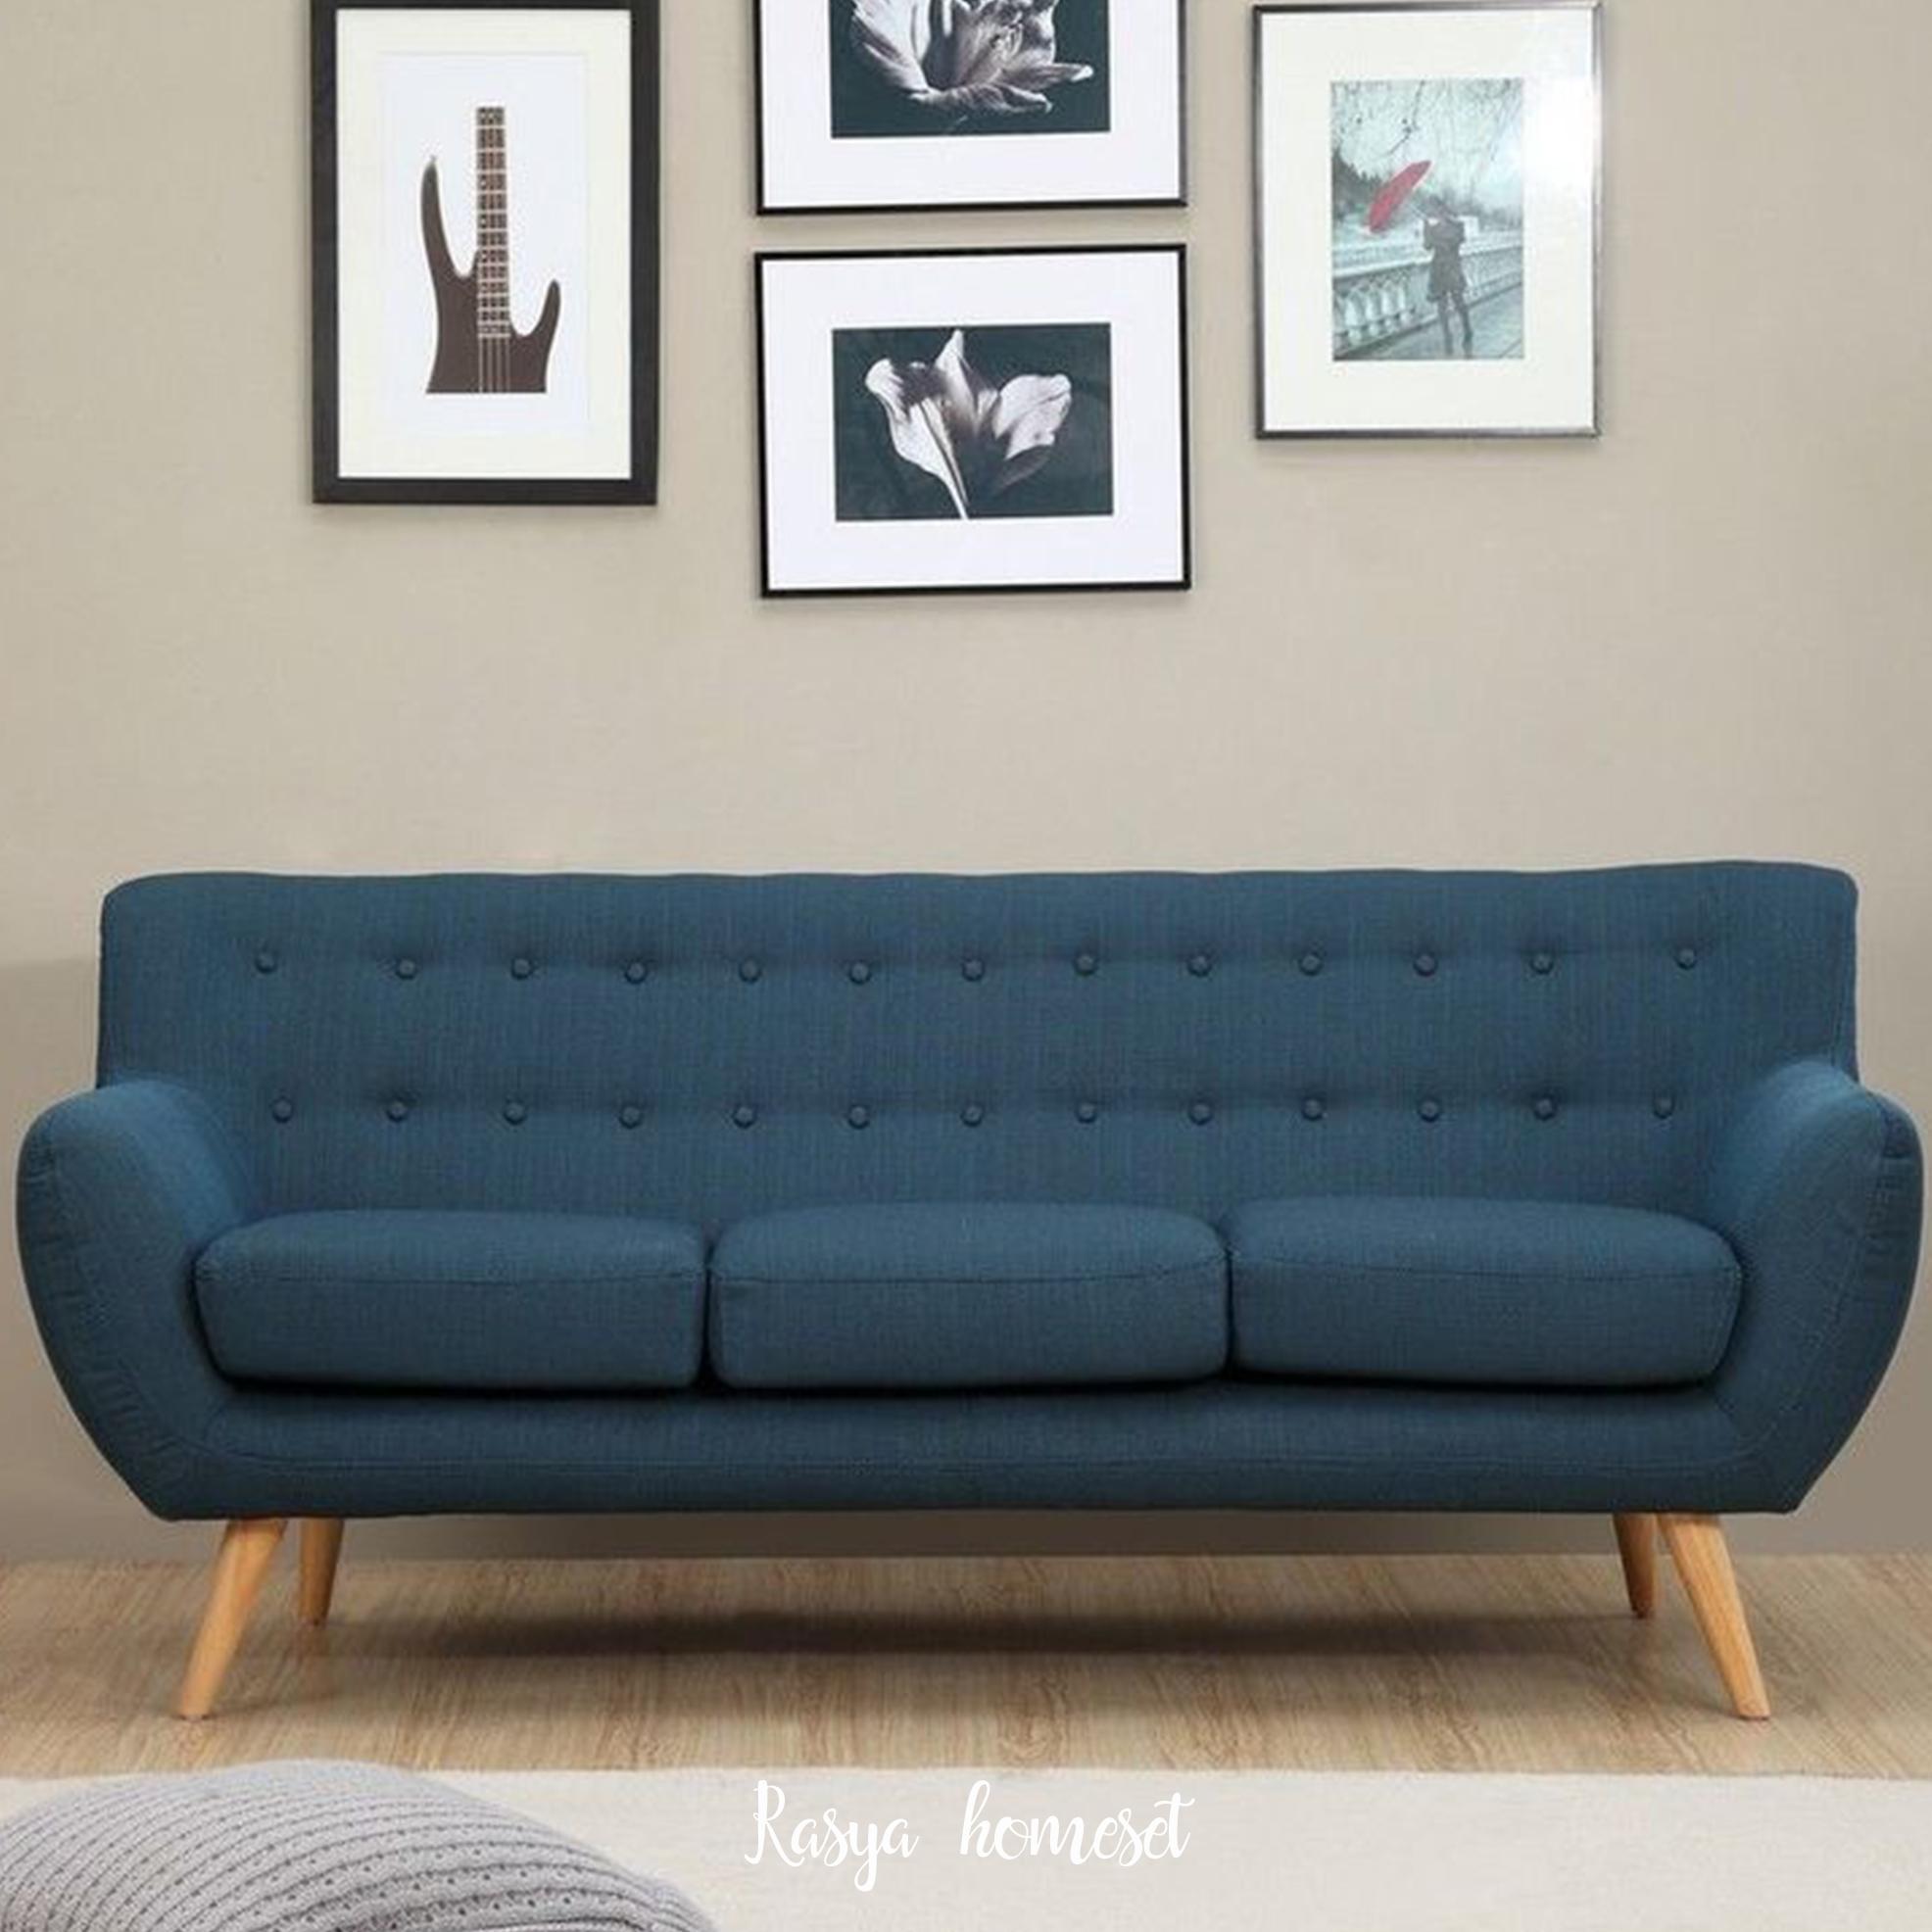 Sofa Retro Informa Baci Living Room